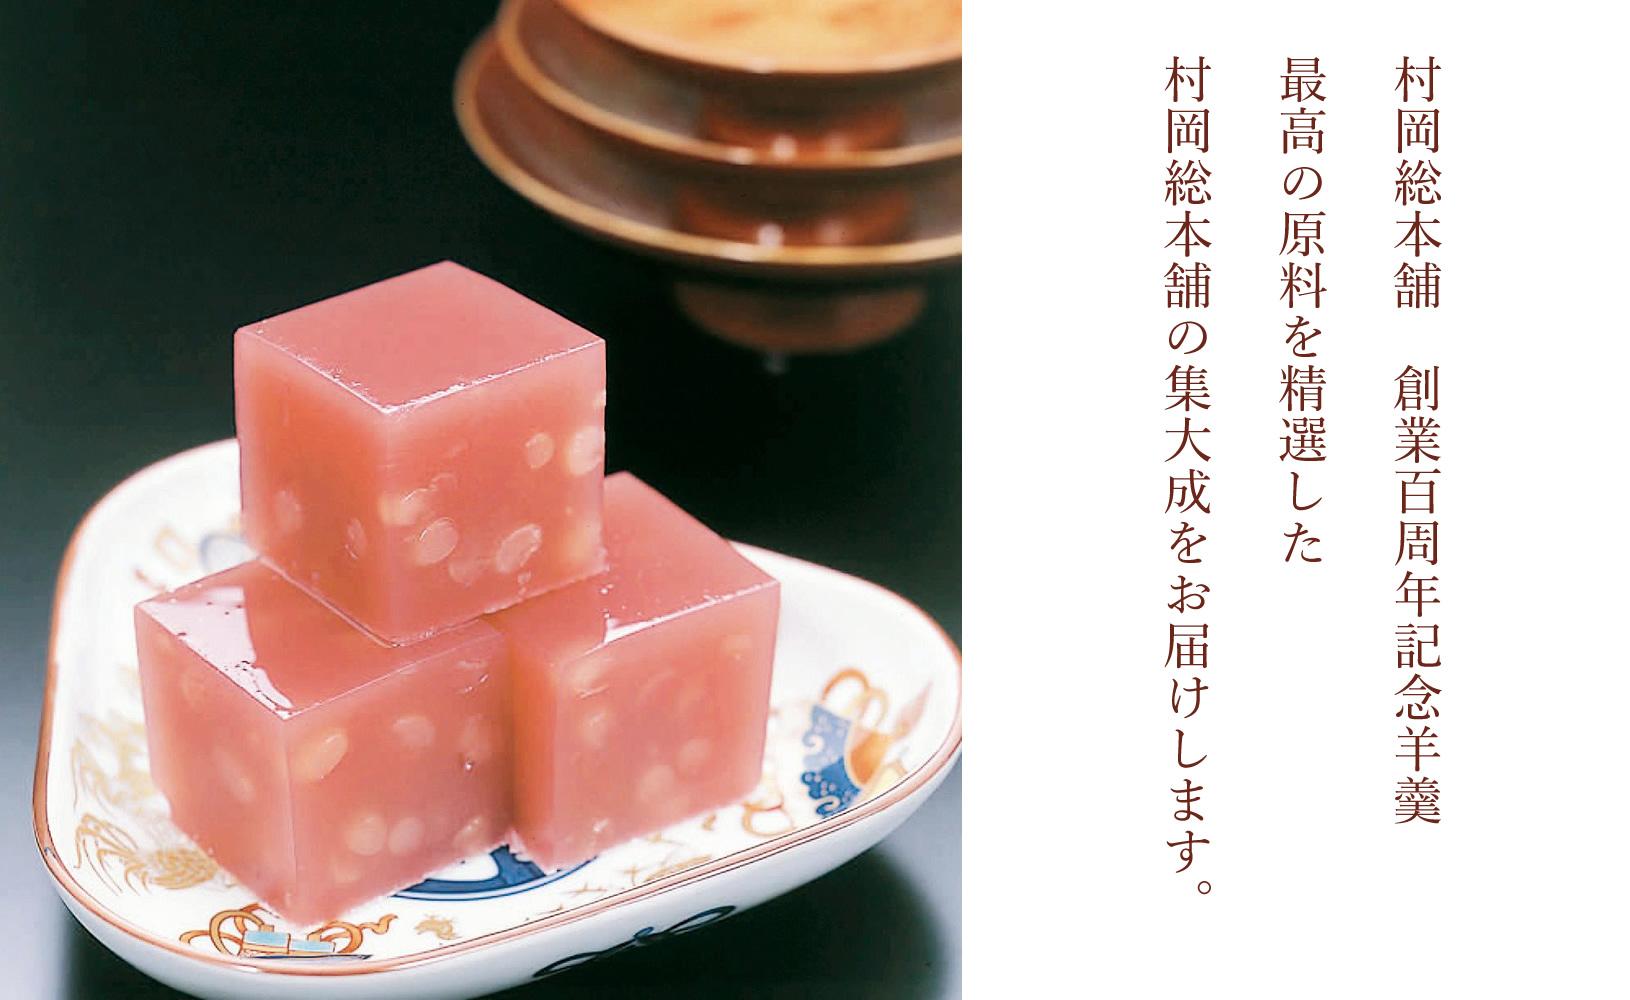 小城櫻(おぎざくら)